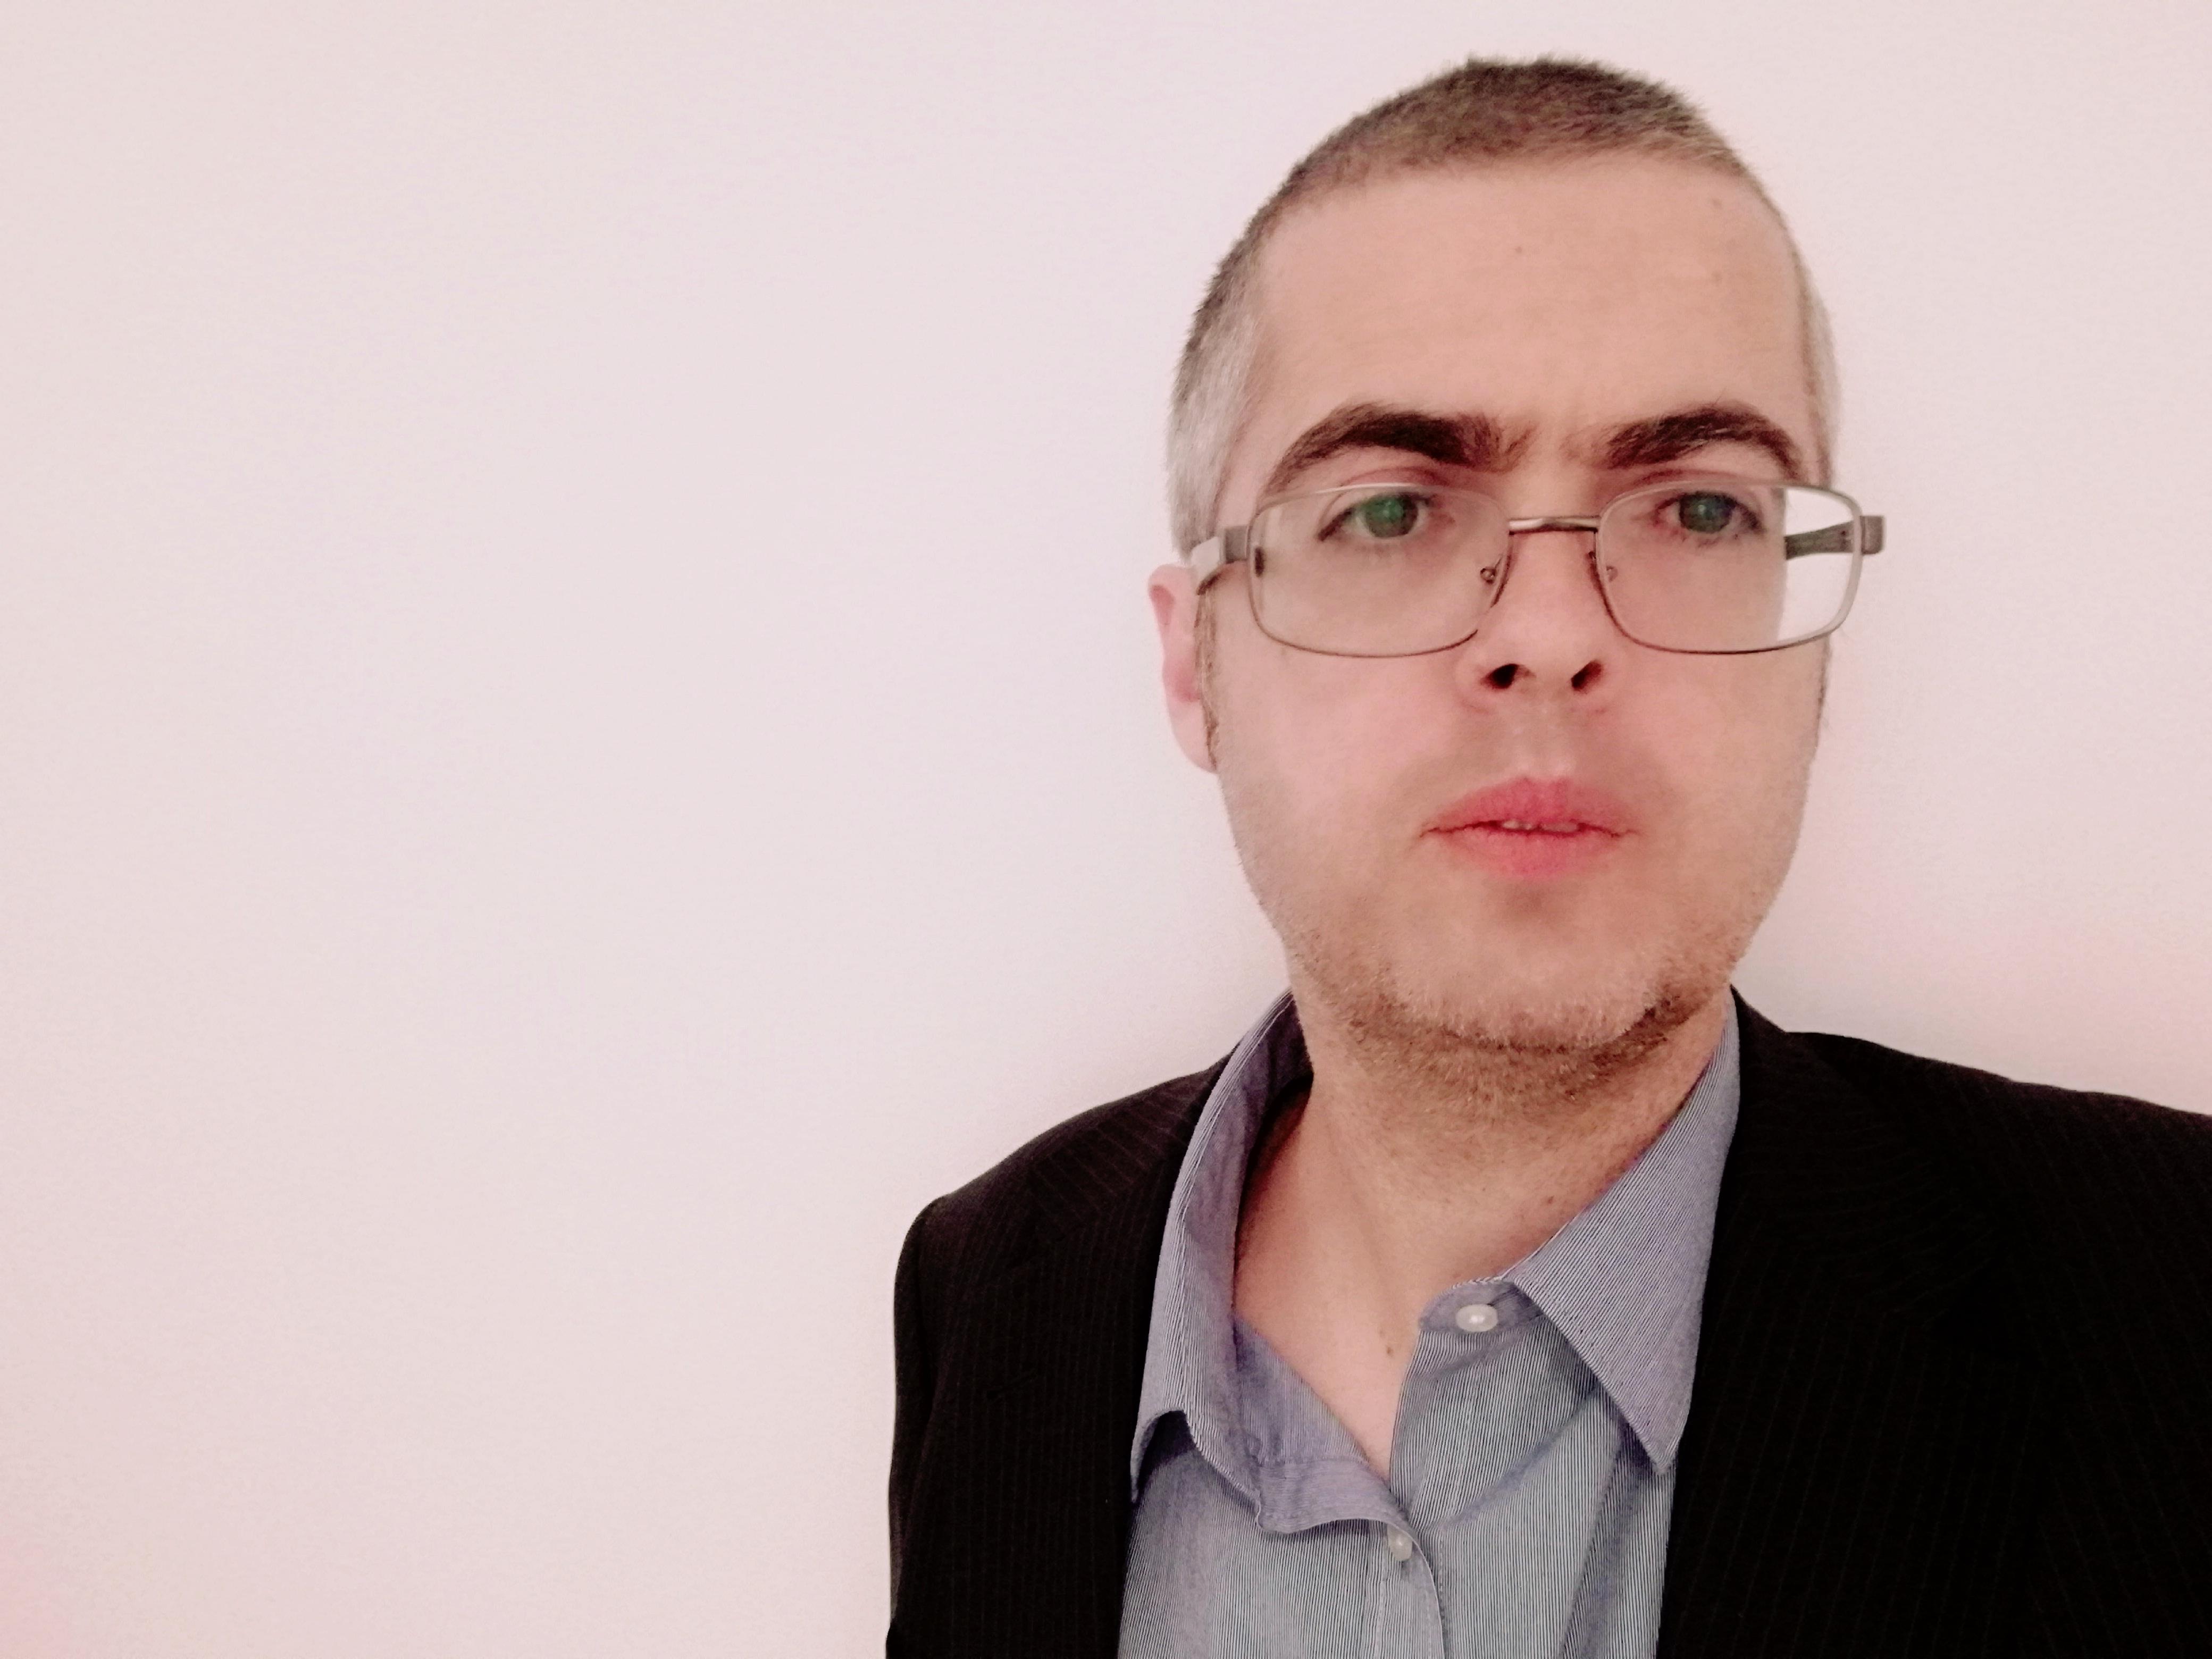 Jaime Díaz Fraga : ¿Qué tipo de relación hay entre la música y el Derecho?